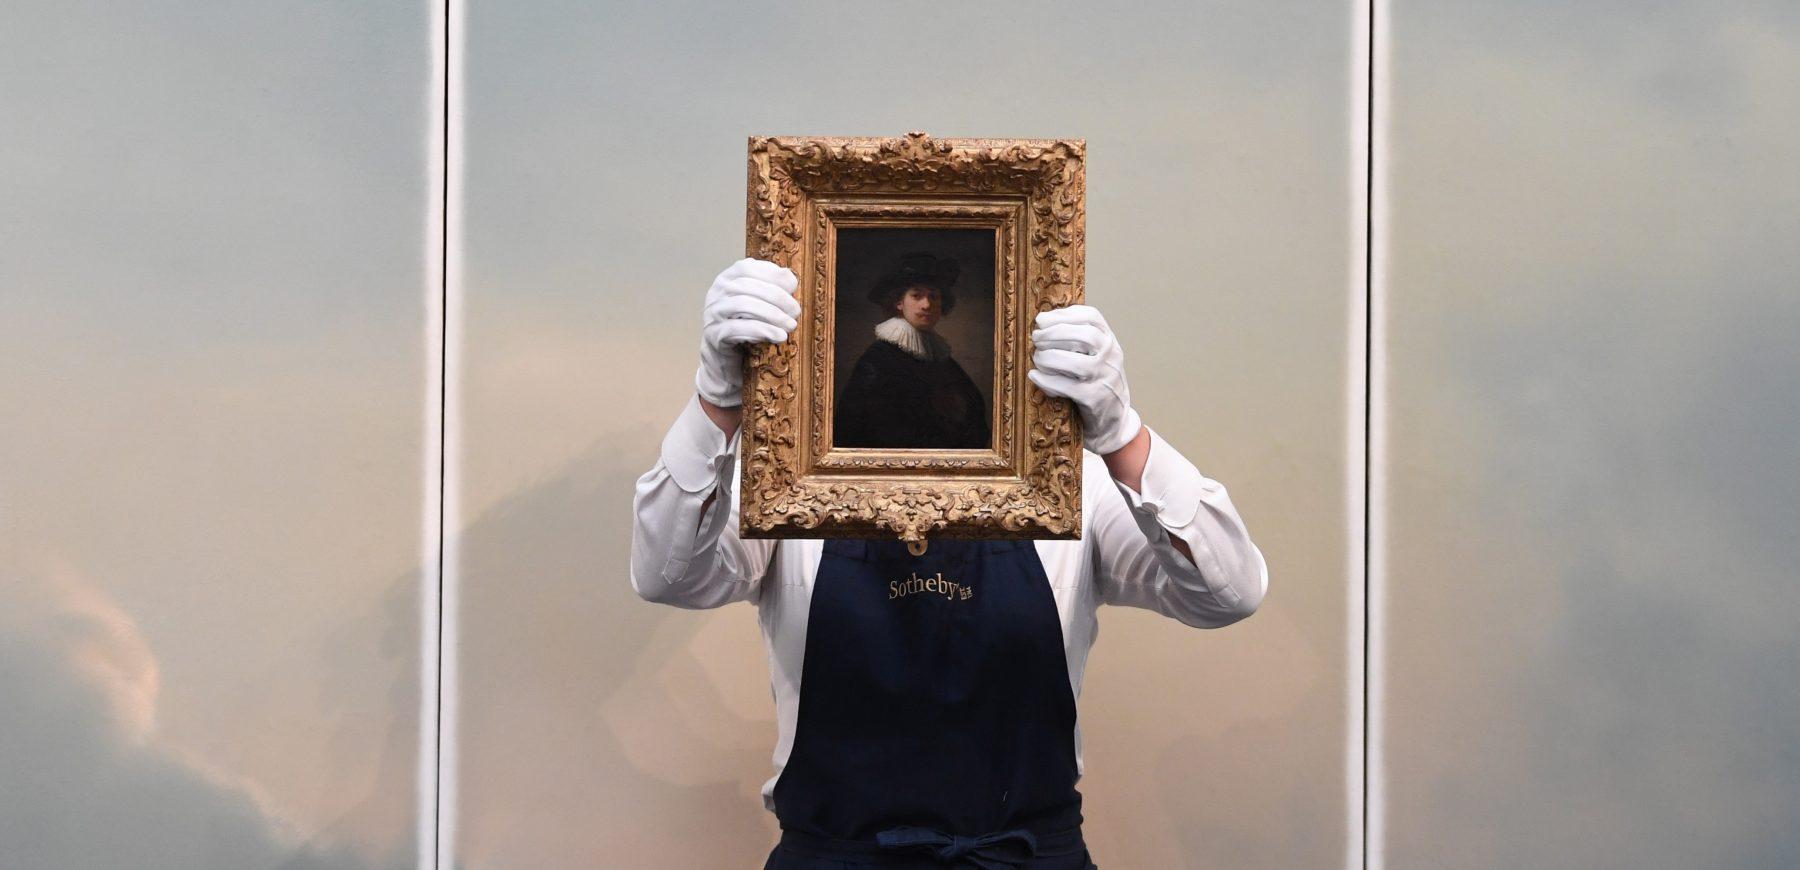 Rembrandt geveild bij Sotheby's